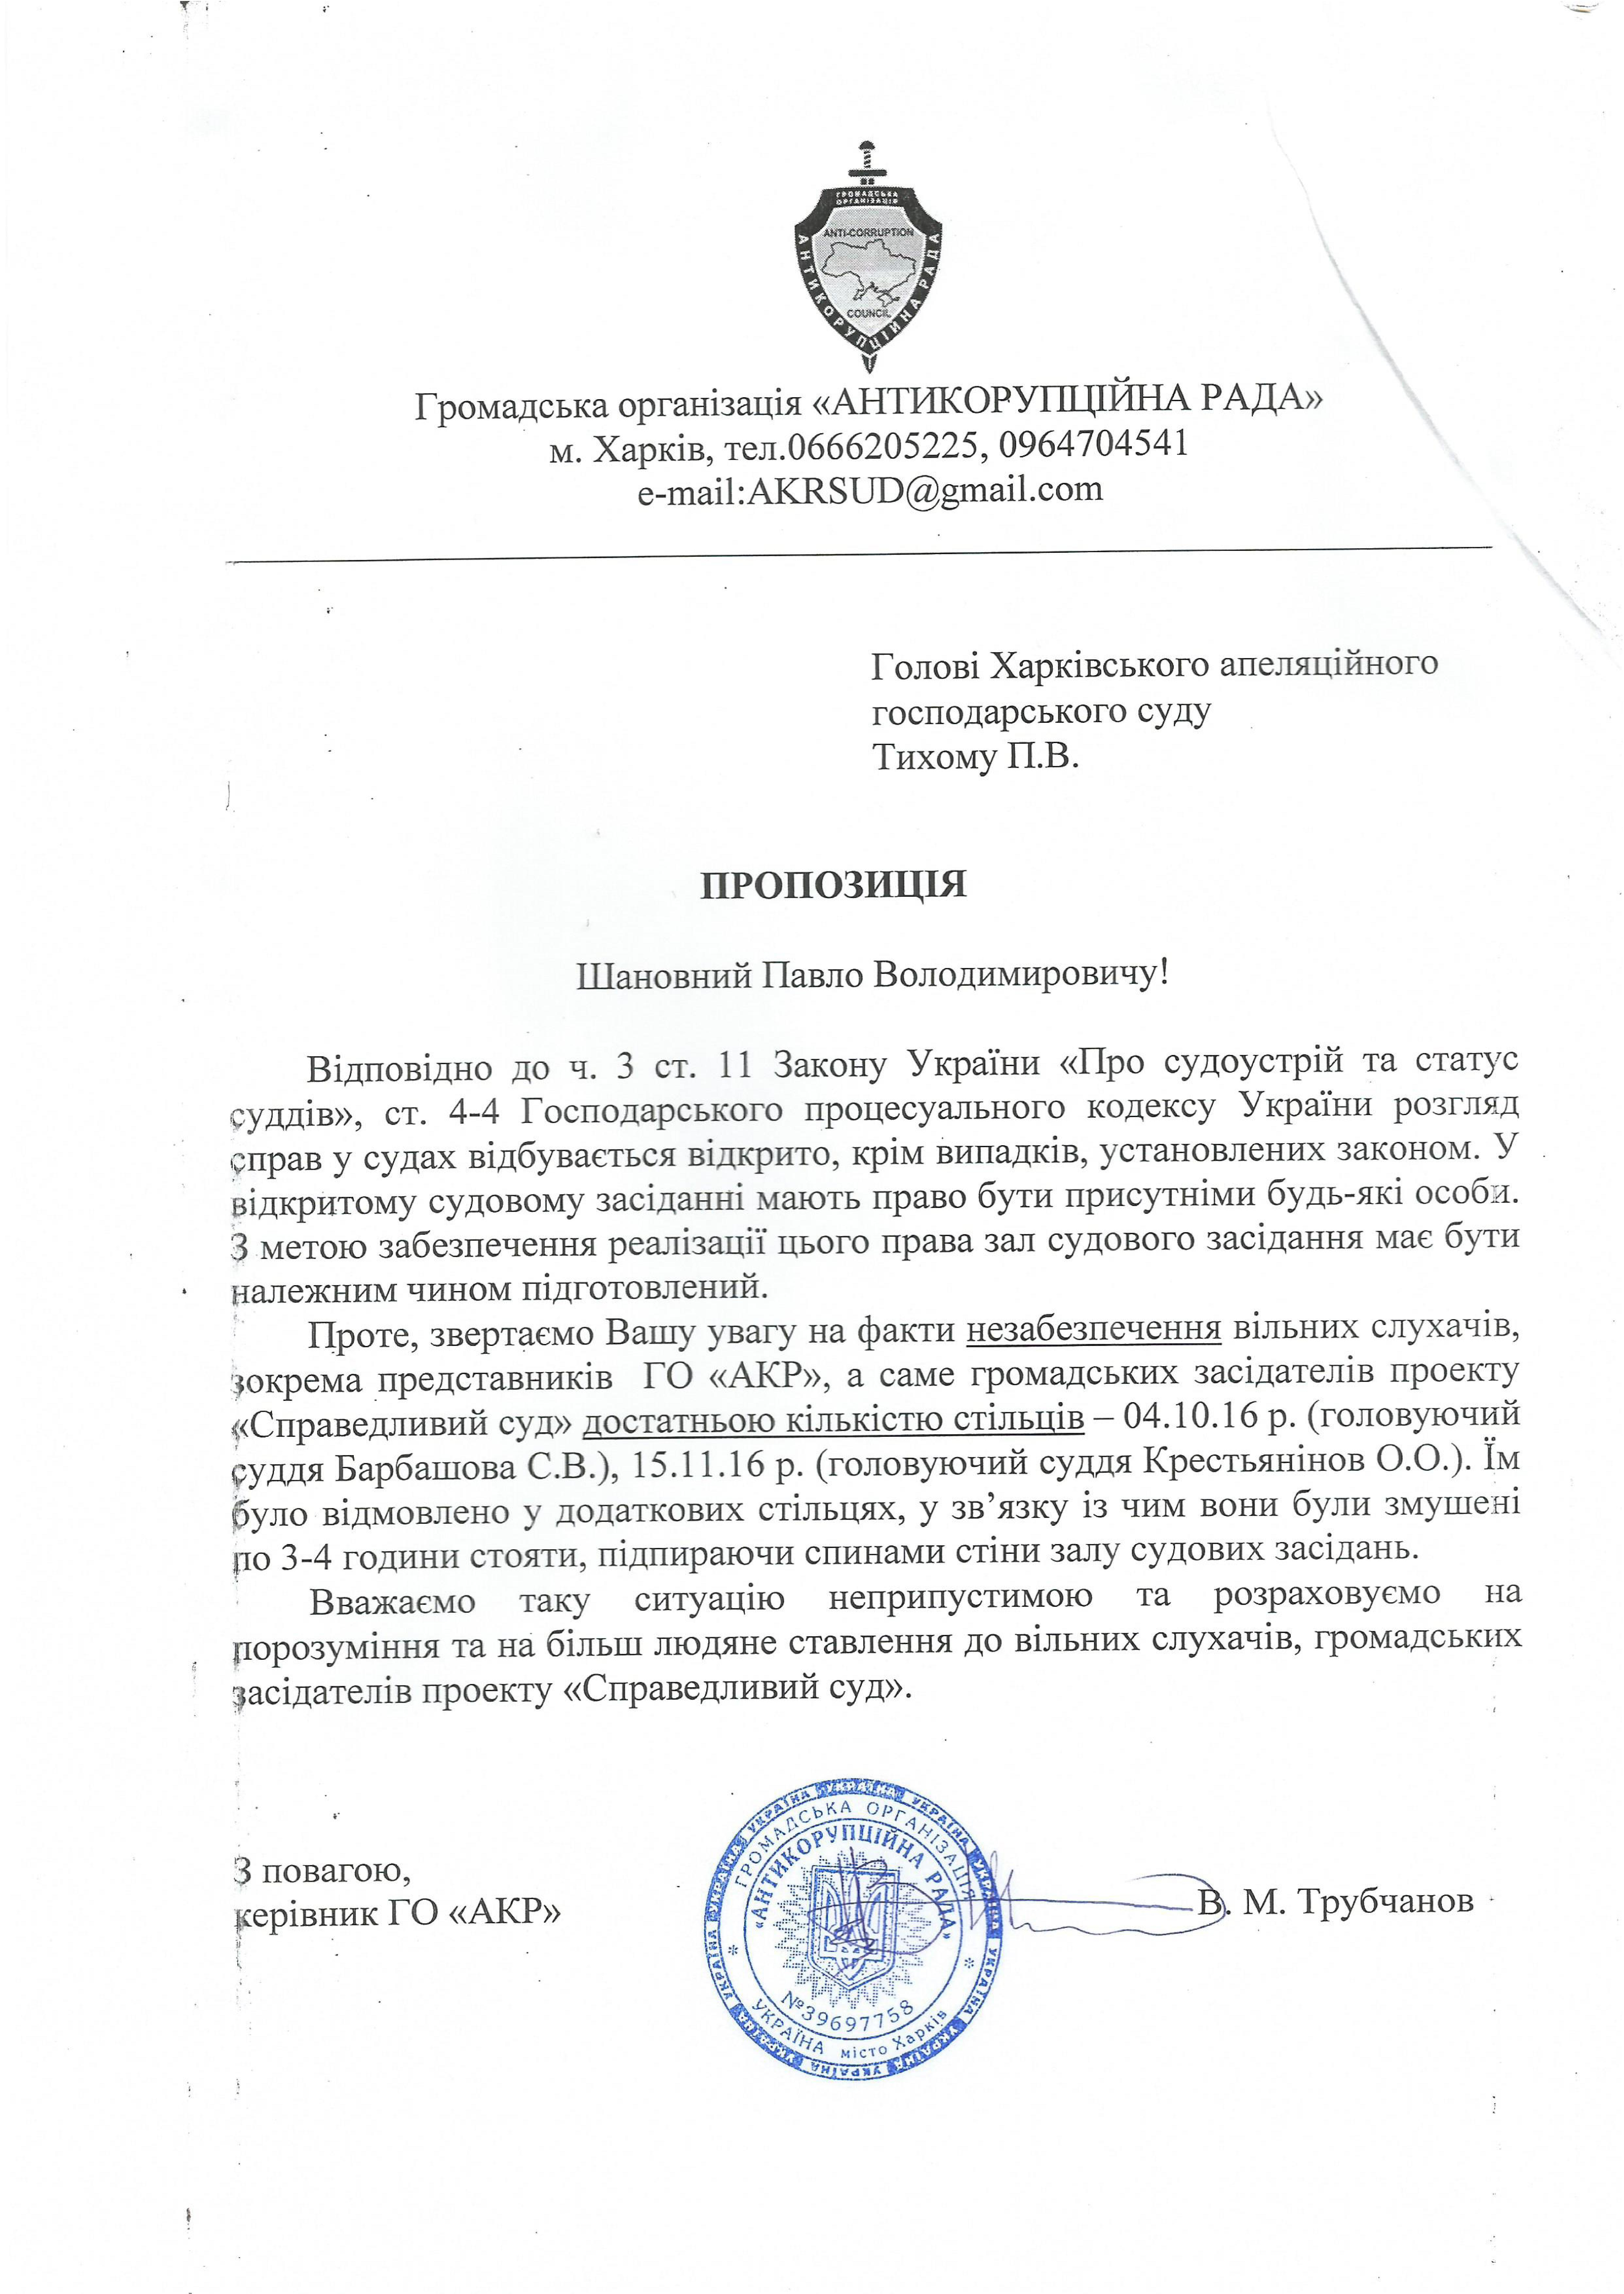 Пропозиція АКР до Харківського суду